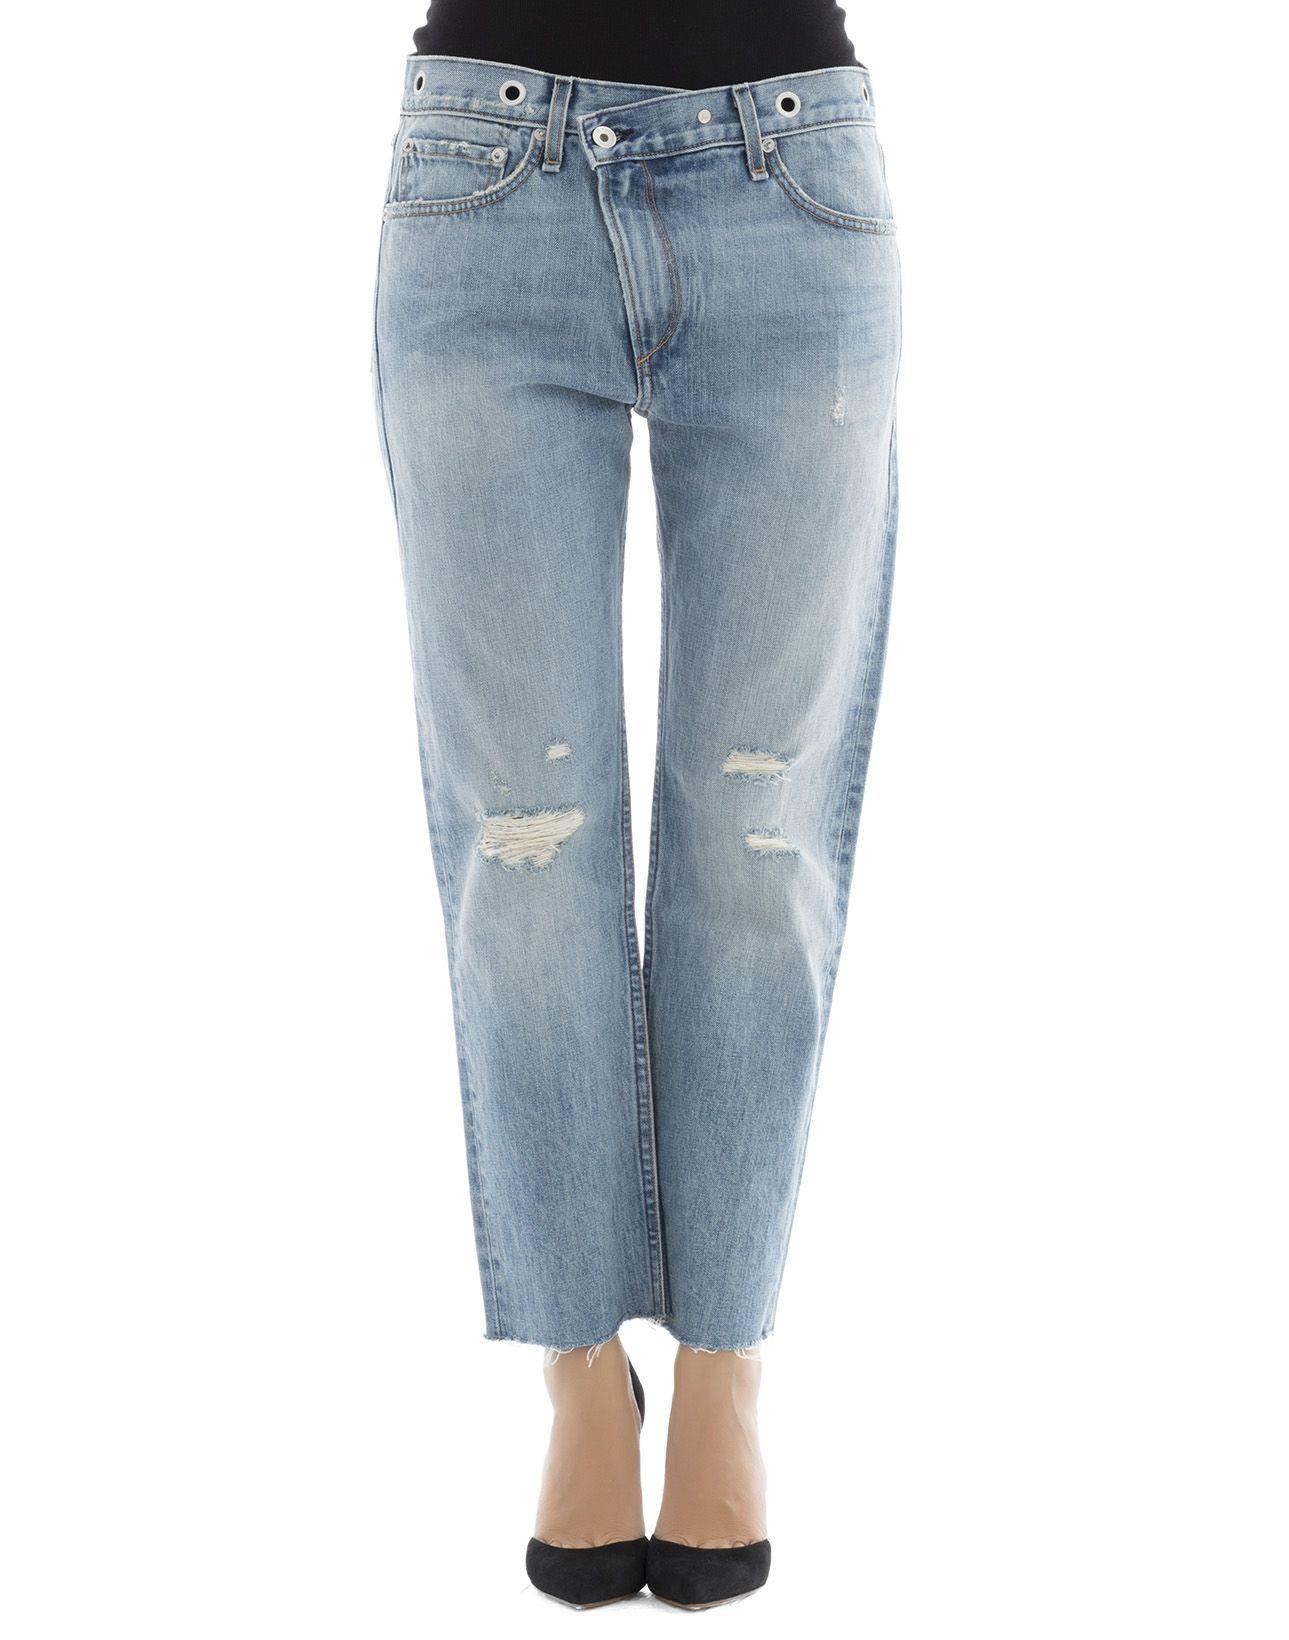 Light Blue Cotton Jeans